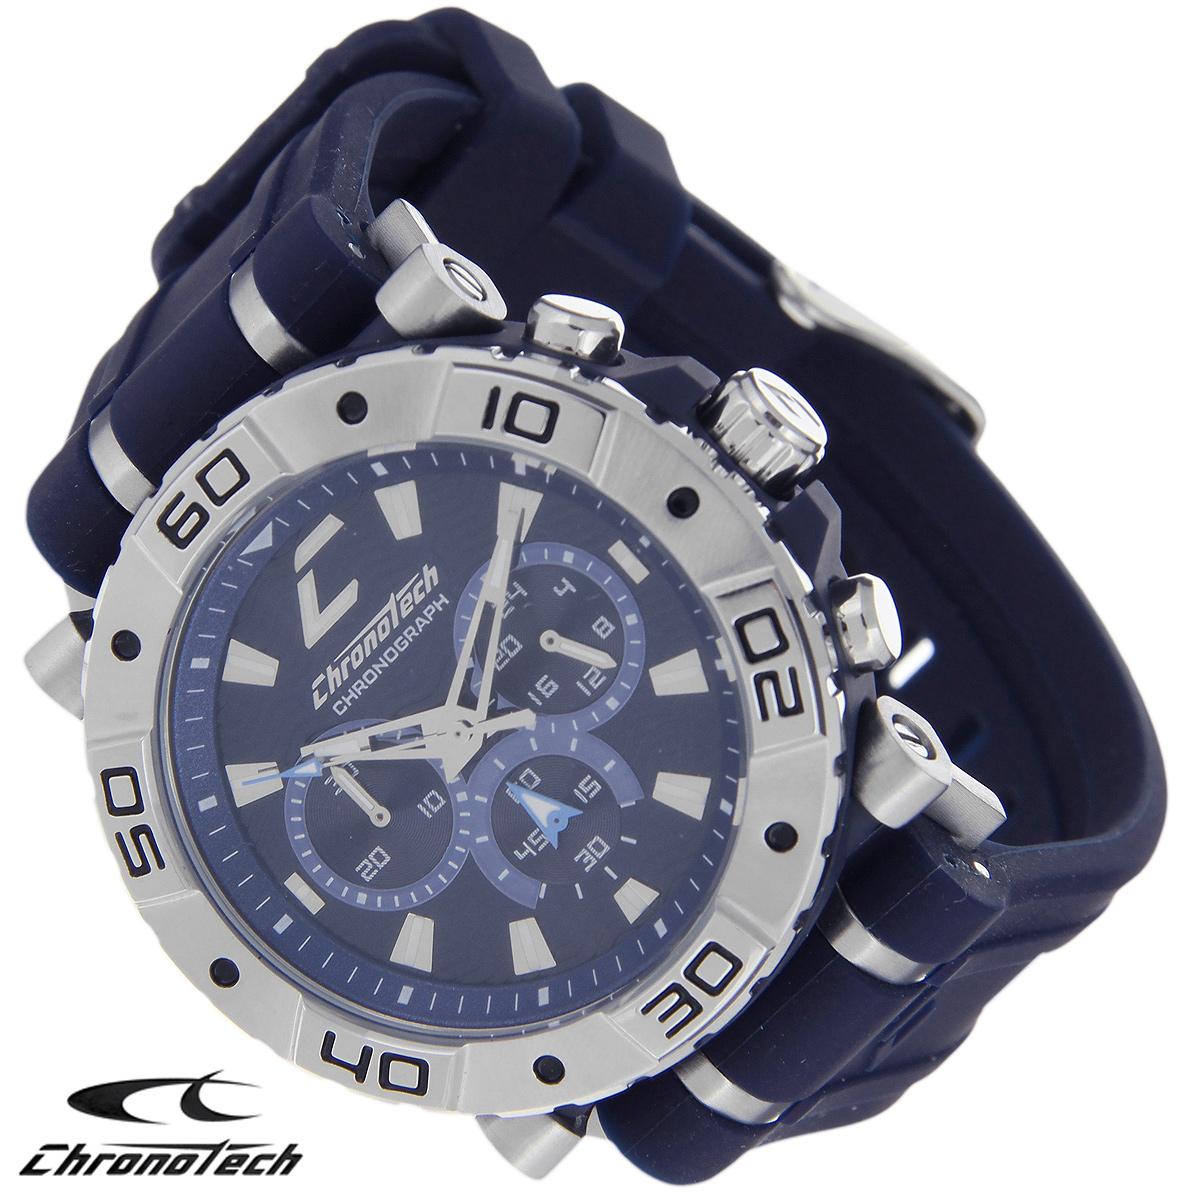 Часы мужские наручные Chronotech, цвет: темно-синий. RW0035 - ChronotechRW0035Часы Chronotech - это часы для современных и стильных людей, которые стремятся выделиться из толпы и подчеркнуть свою индивидуальность. Корпус часов выполнен из нержавеющей стали. Циферблат оформлен отметками и защищен минеральным стеклом. Часы имеют три стрелки - часовую, минутную и секундную. Стрелки и отметки светятся в темноте. Ремешок часов выполнен из каучука и застегивается на классическую застежку. Часы выполнены в спортивном стиле. Часы упакованы в фирменную коробку с логотипом компании Chronotech. Такой аксессуар добавит вашему образу стиля и подчеркнет безупречный вкус своего владельца. Характеристики: Диаметр циферблата: 3,3 см. Размер корпуса: 4,5 см х 4 см х 1 см. Длина ремешка (с корпусом): 24,5 см. Ширина ремешка: 2,4 см.